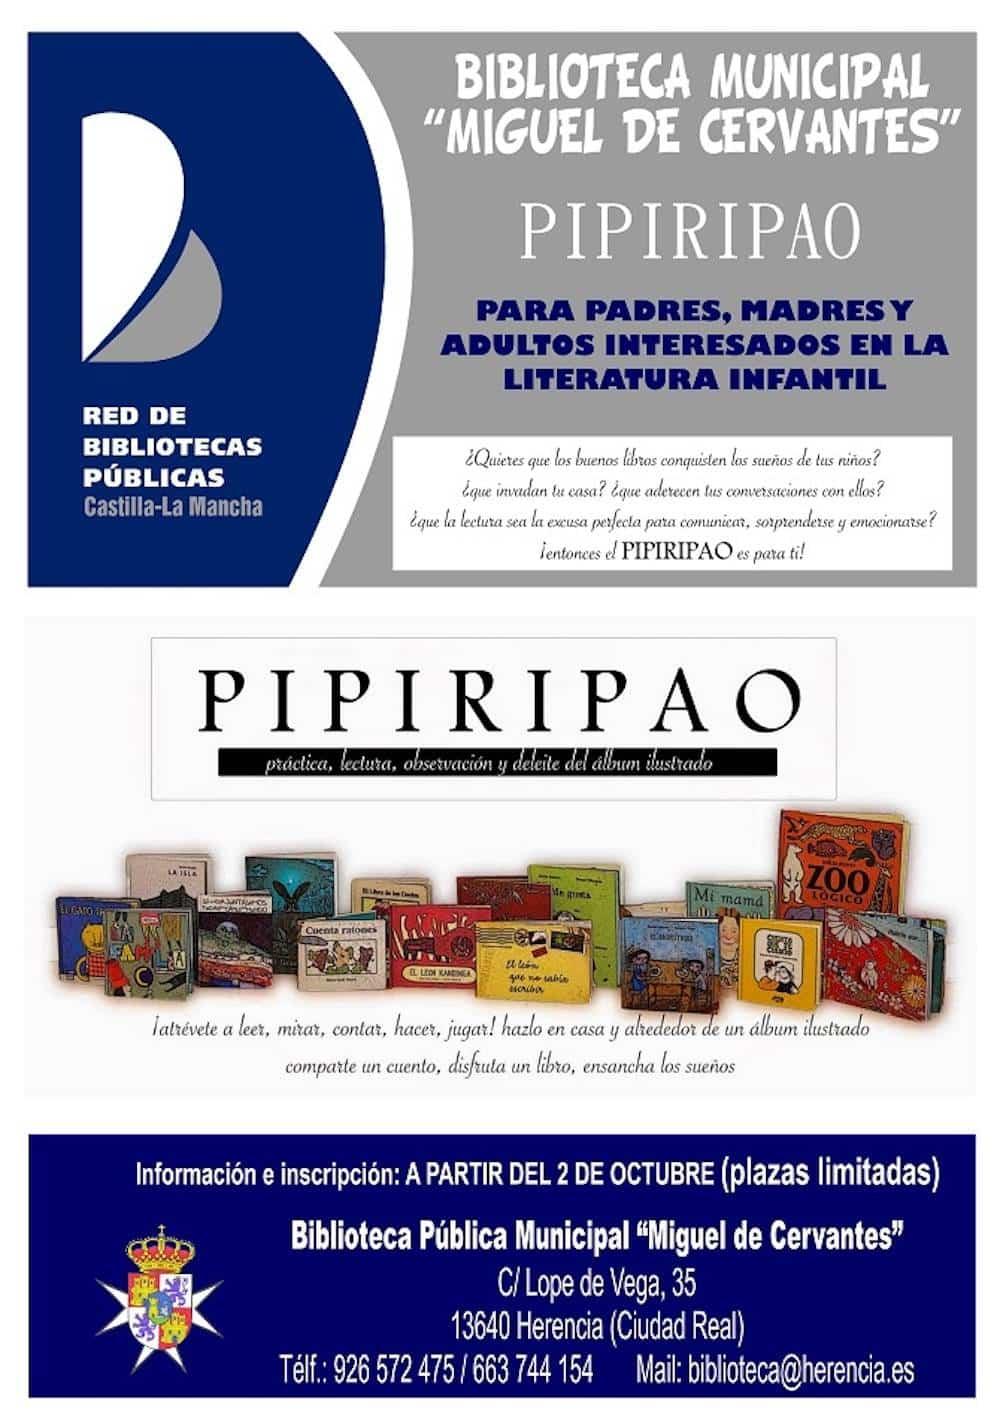 Pipiripao: Una nueva manera de acercarse al mundo de la literatura infantil 3